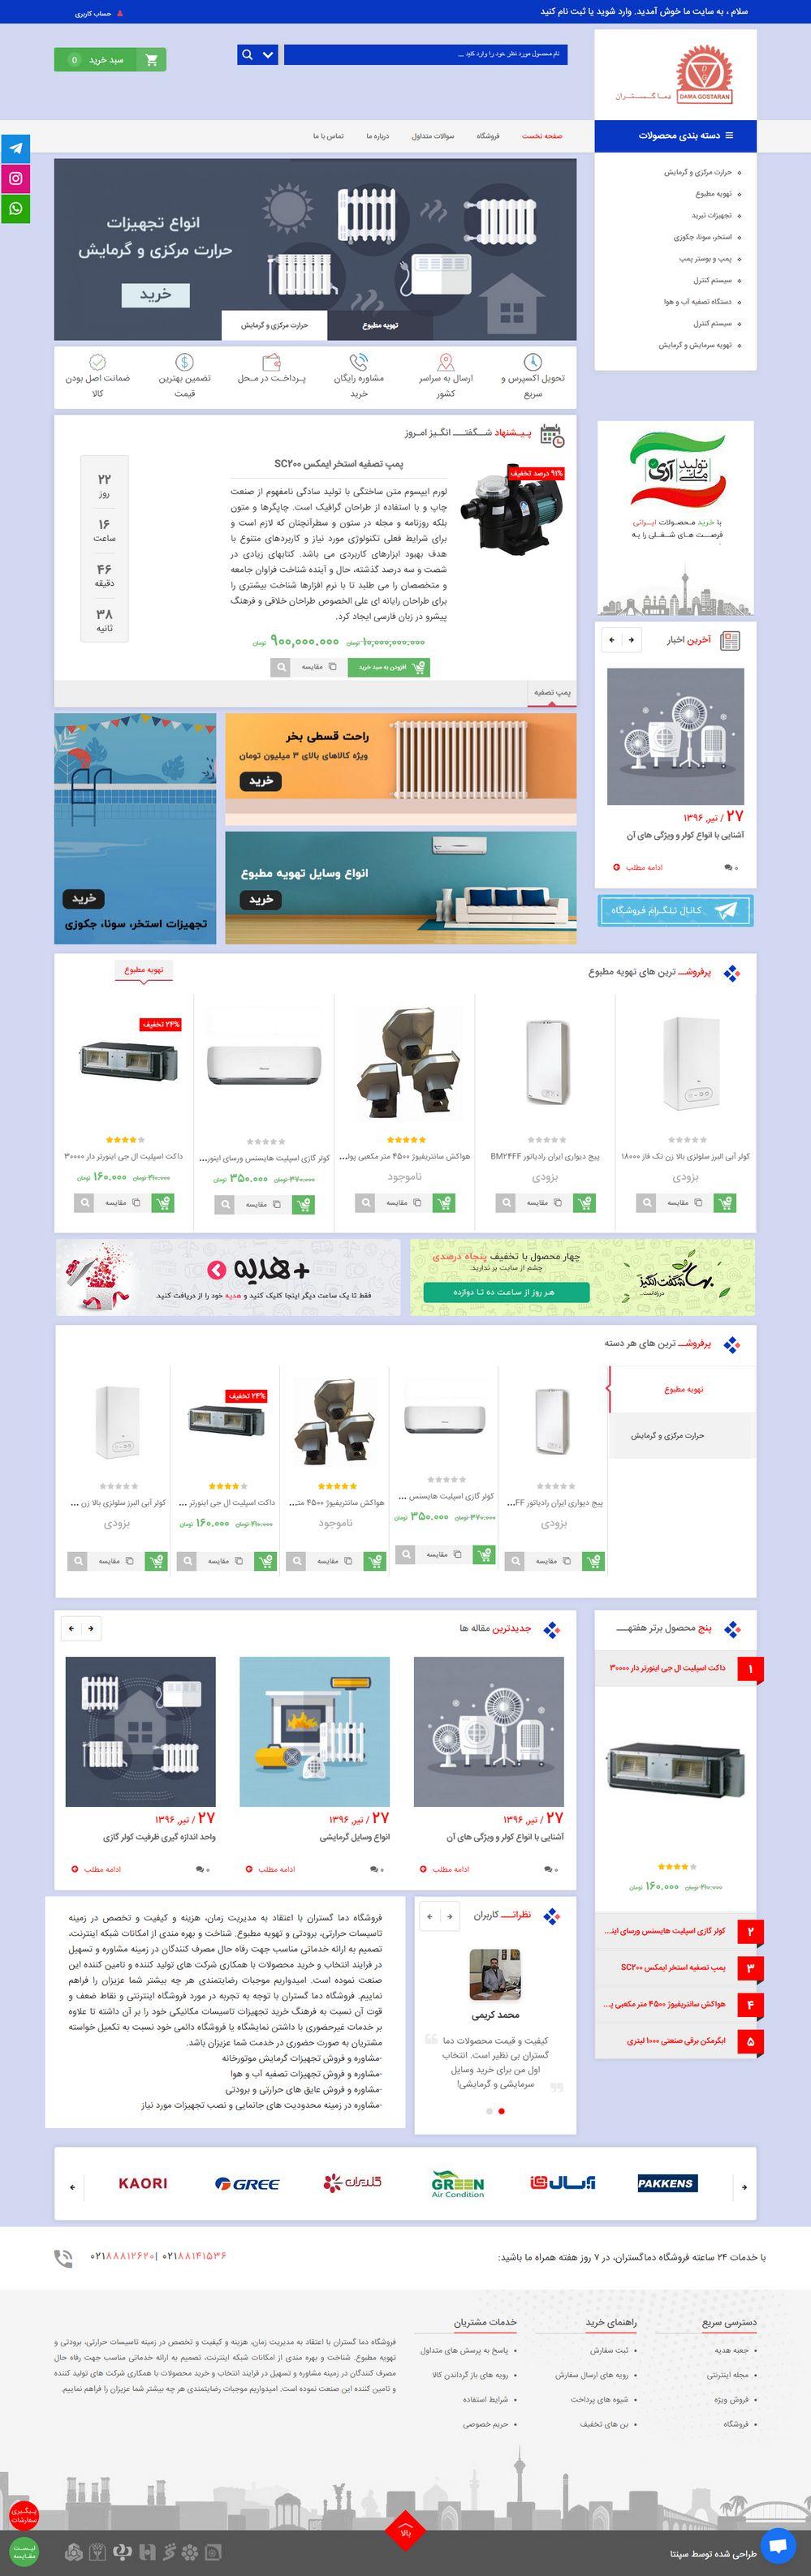 طراحی سایت و فروشگاه اینترنتی دما گستران